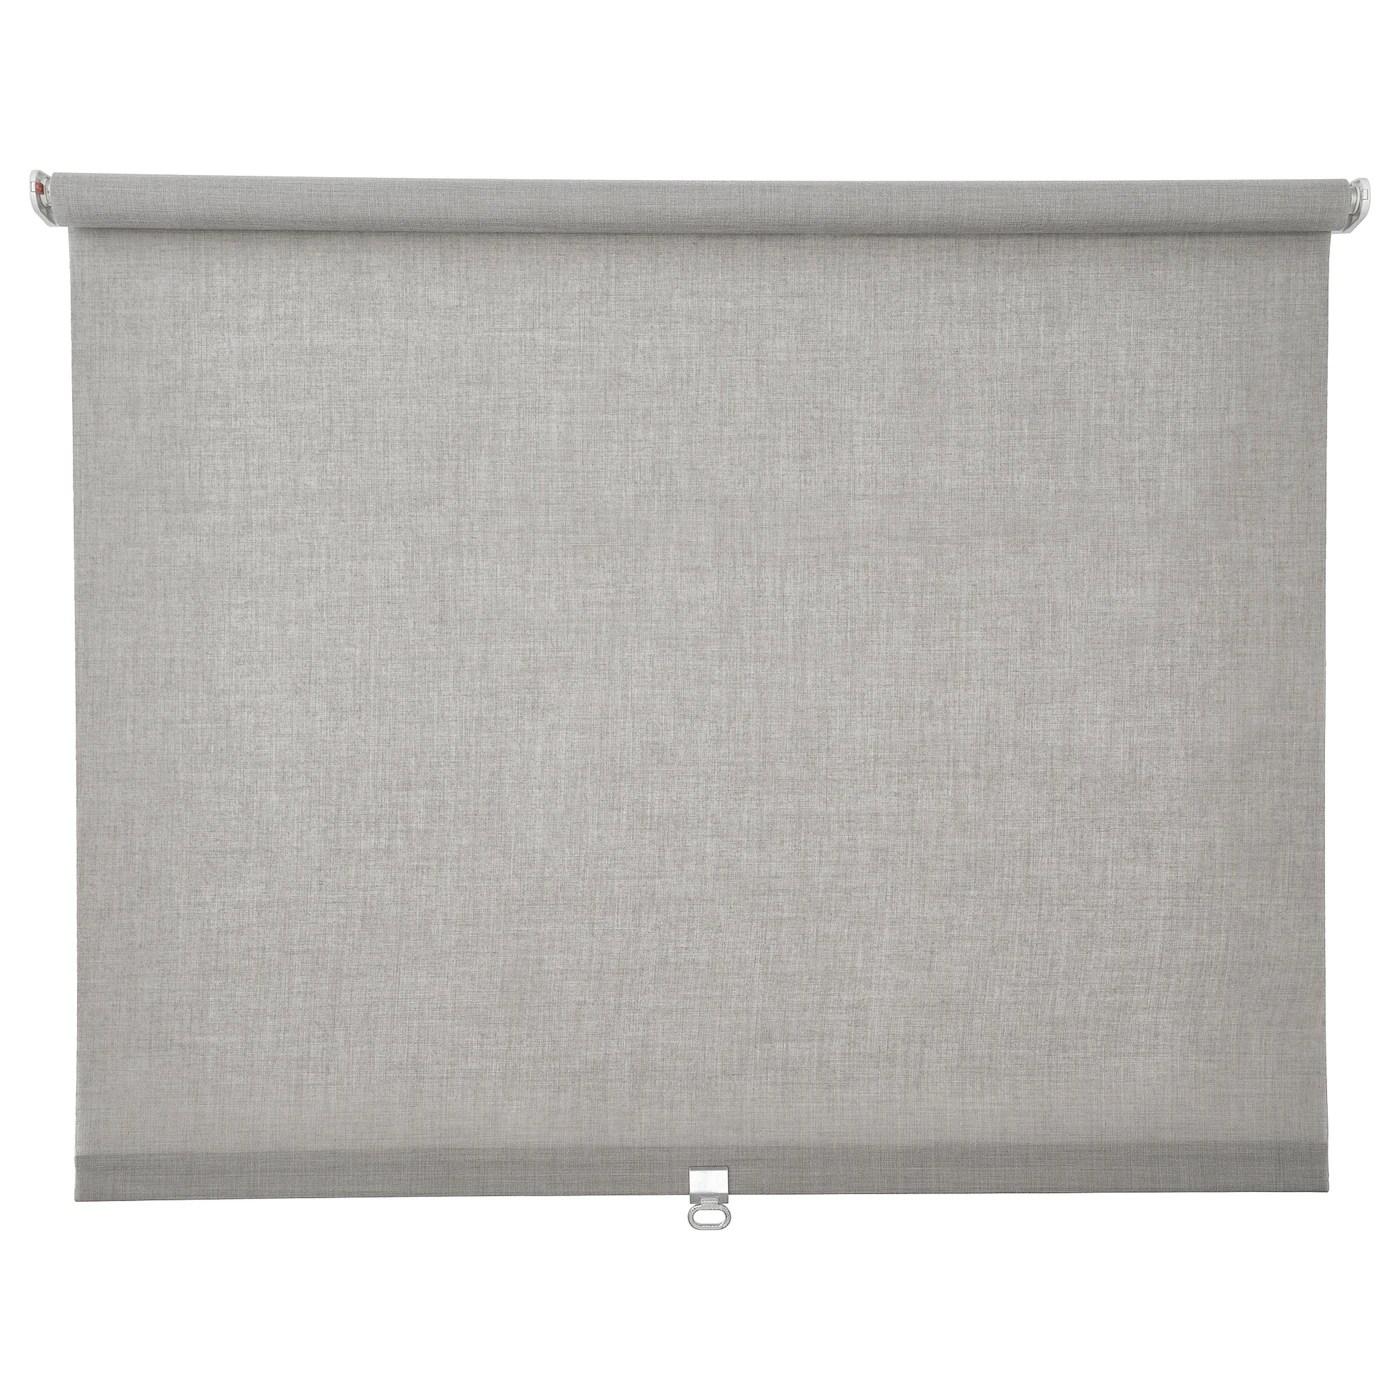 Scopri la nostra vasta scelta di tende a rullo per interni per filtrare o occultare la luce nella tua stanza. Tende A Rullo Ikea It